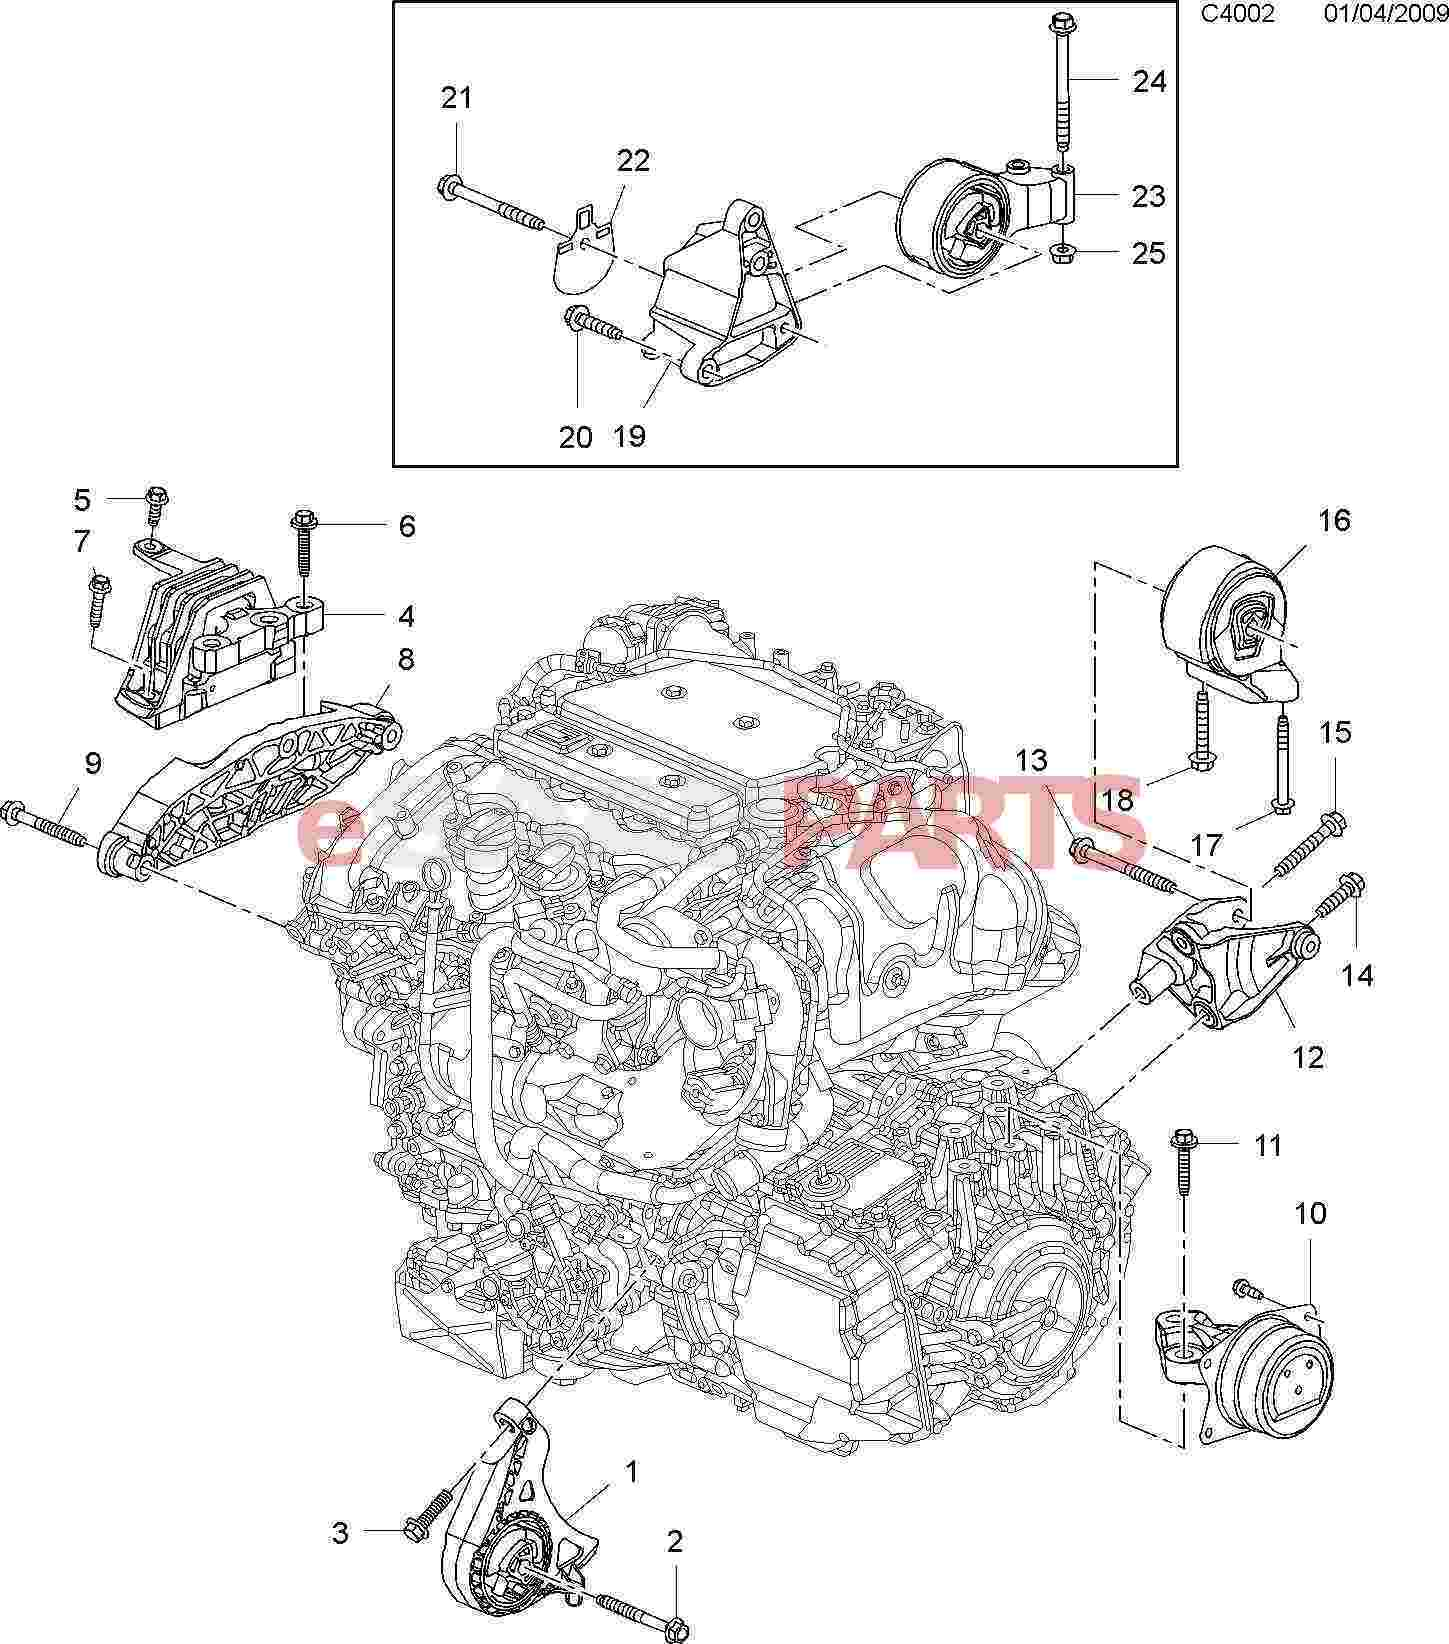 Saab V6 Engine Diagram